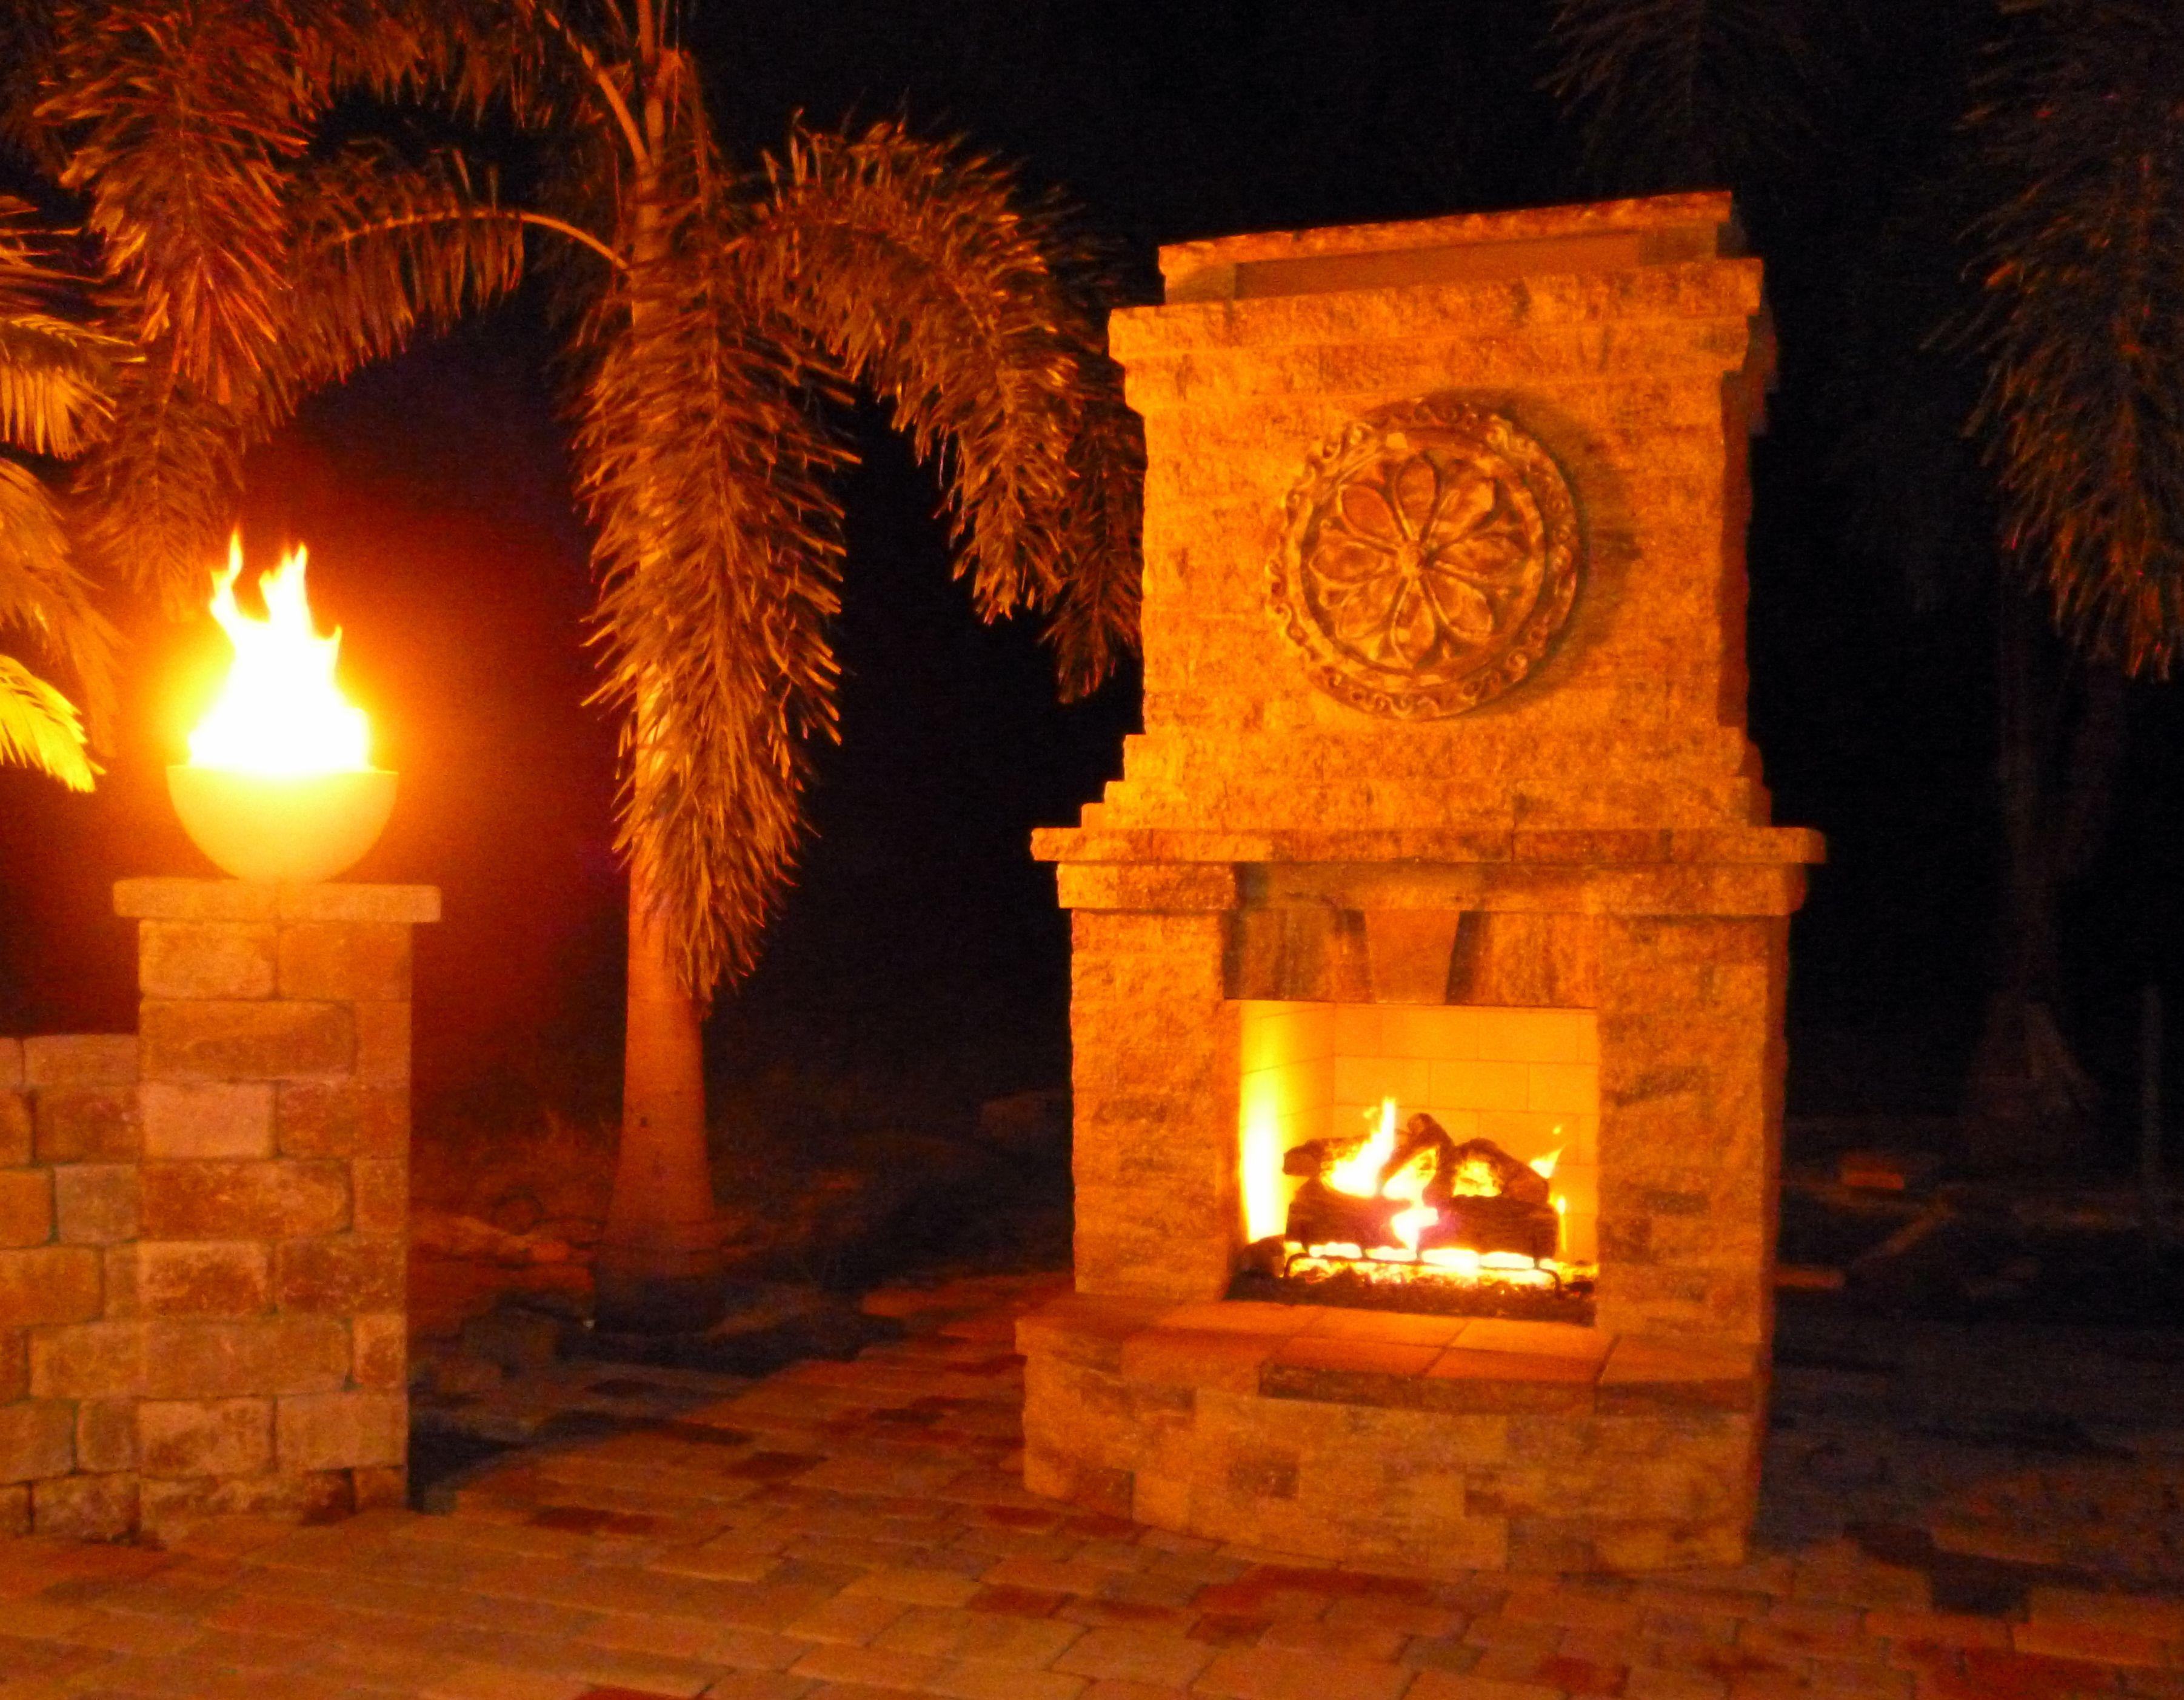 Gas Fireplace Night Shot Gas Fireplace Air Fire Fire Glass